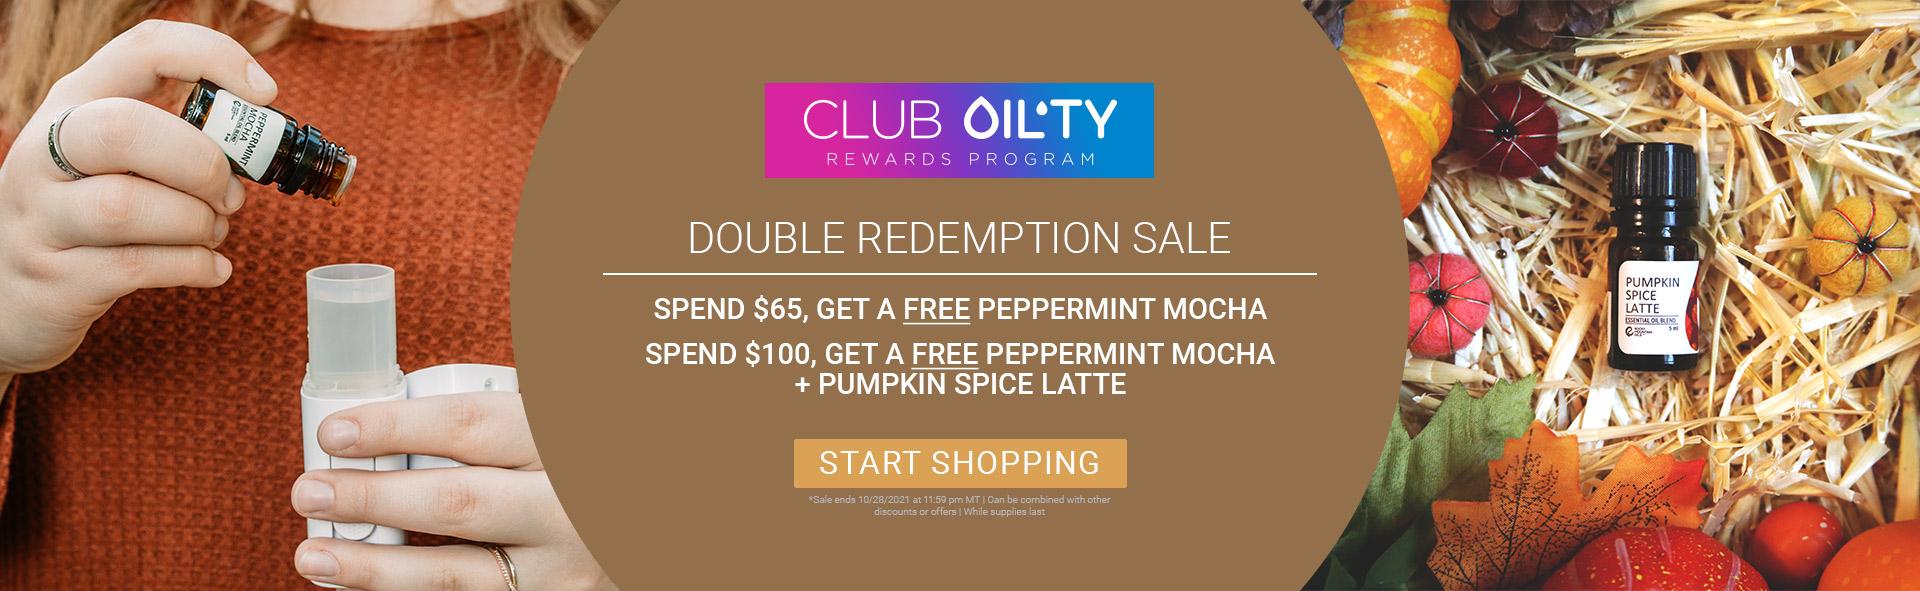 Double Redemption Sale